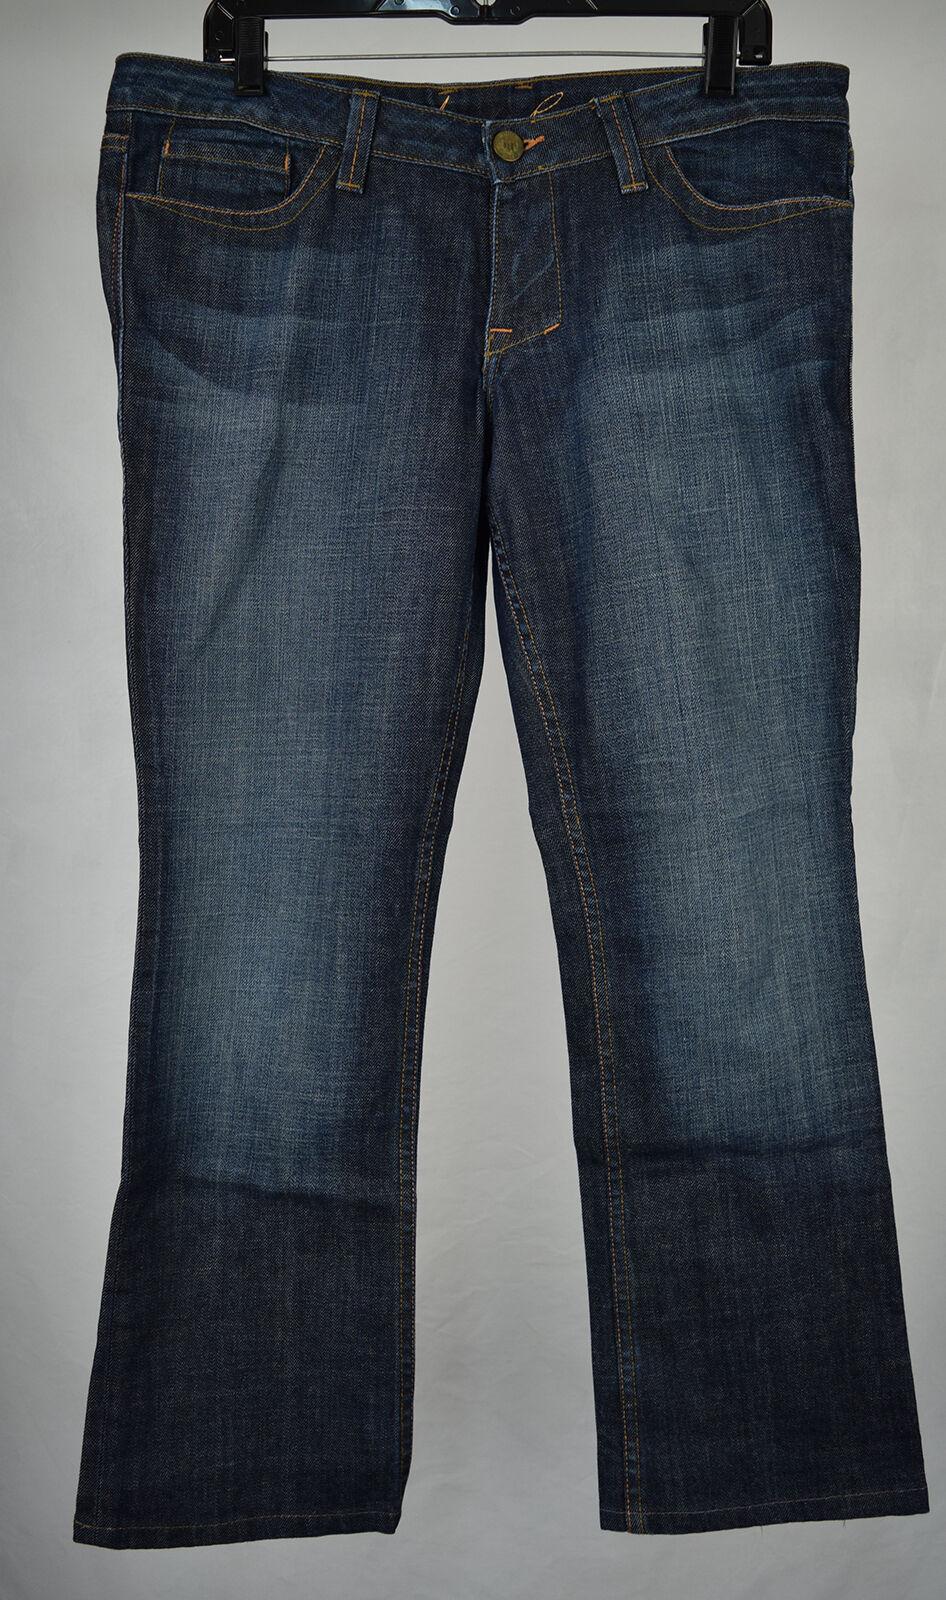 William Rast Sadie Dust Stretch Denim bluee Jeans 31 USA Straight Leg